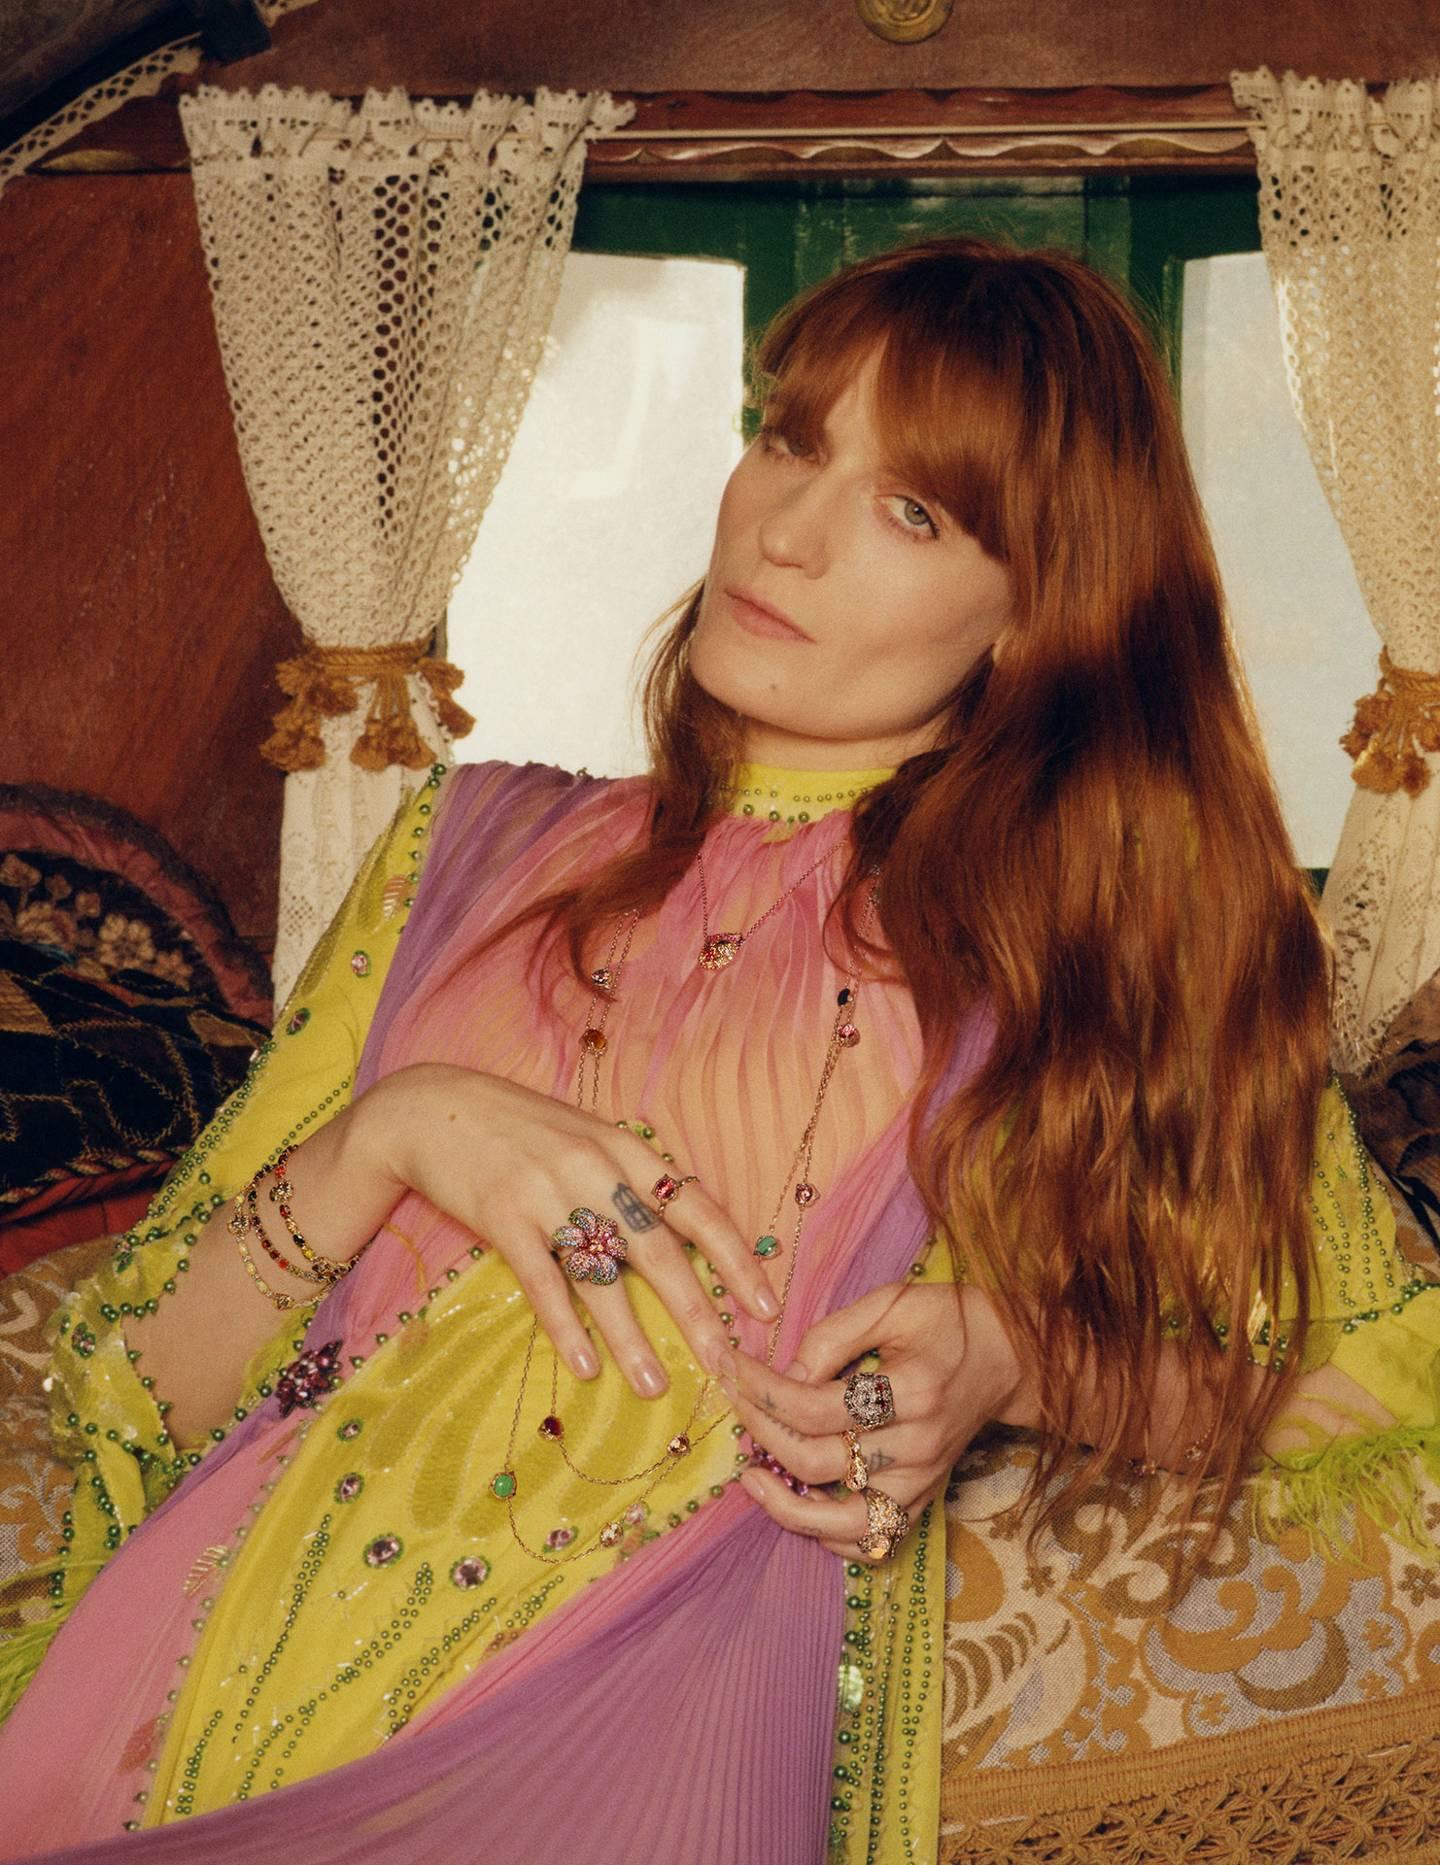 12 lanzamientos recientes que debes escuchar: Florence + The Machine + C. Tangana + The Marías y más